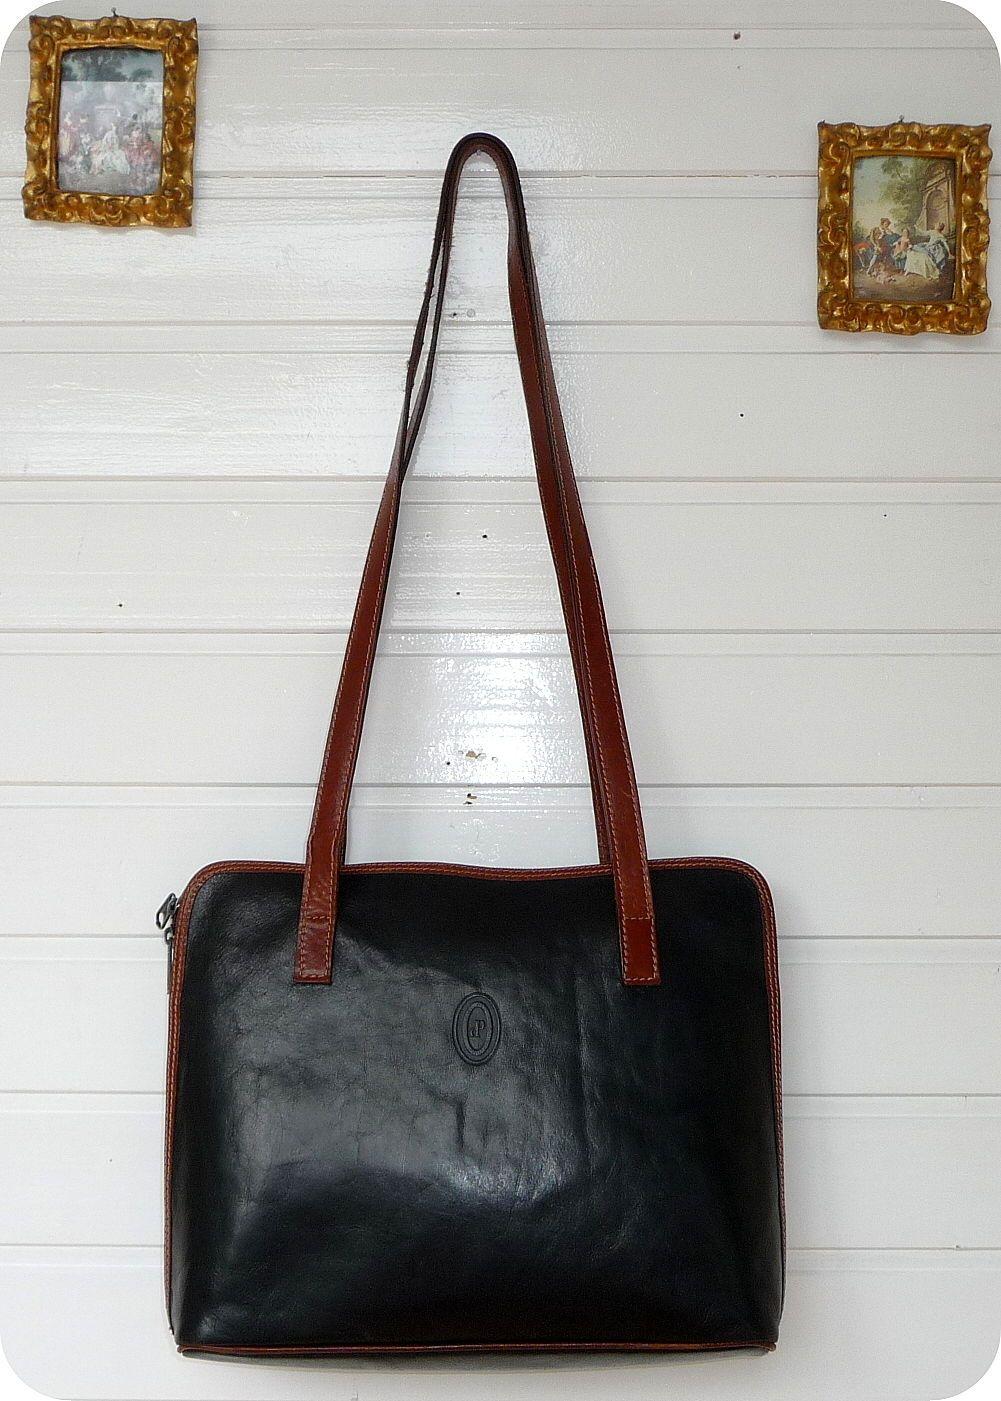 i ponti leder shopper schultertasche tasche bag handtasche schwarz umh ngetasche ebay. Black Bedroom Furniture Sets. Home Design Ideas